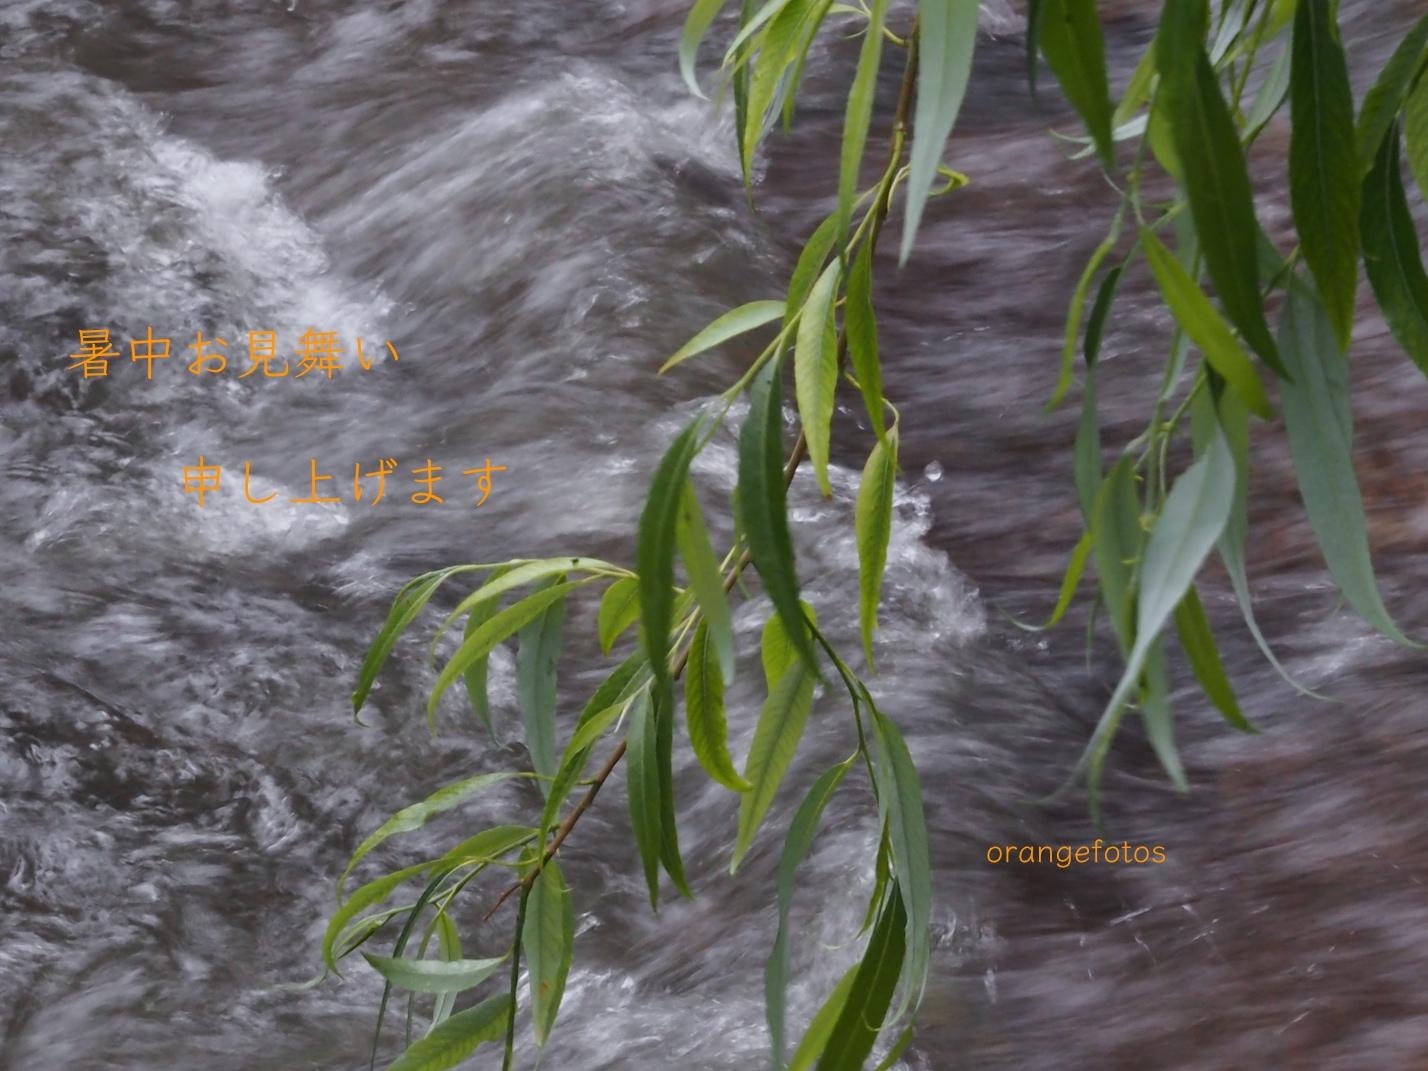 Sommer Fluss.jpg